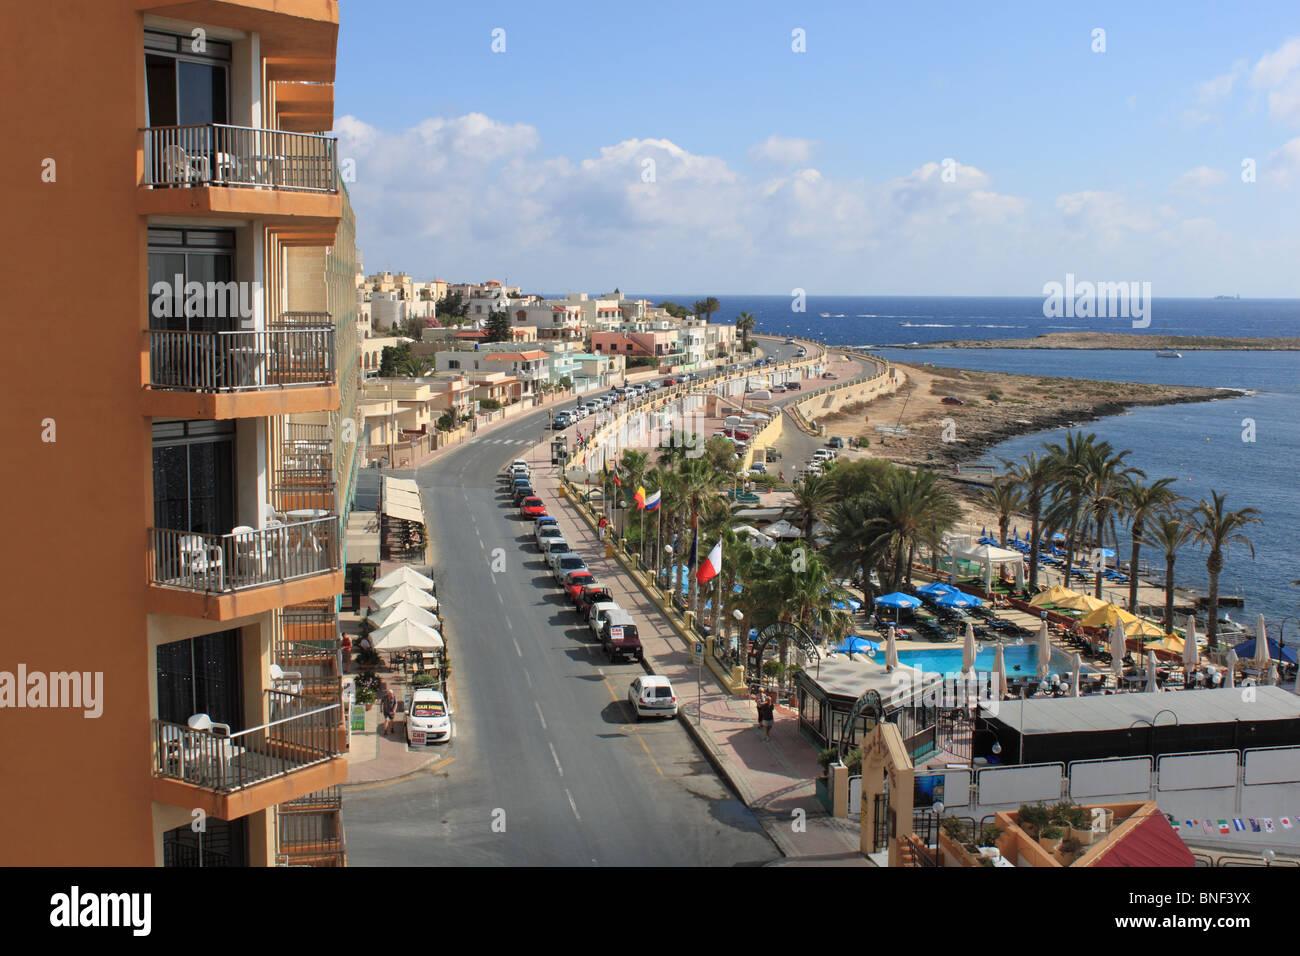 Qawra Palace Hotel Seafront Lido Dawret Il Qawra Qawra Buġibba